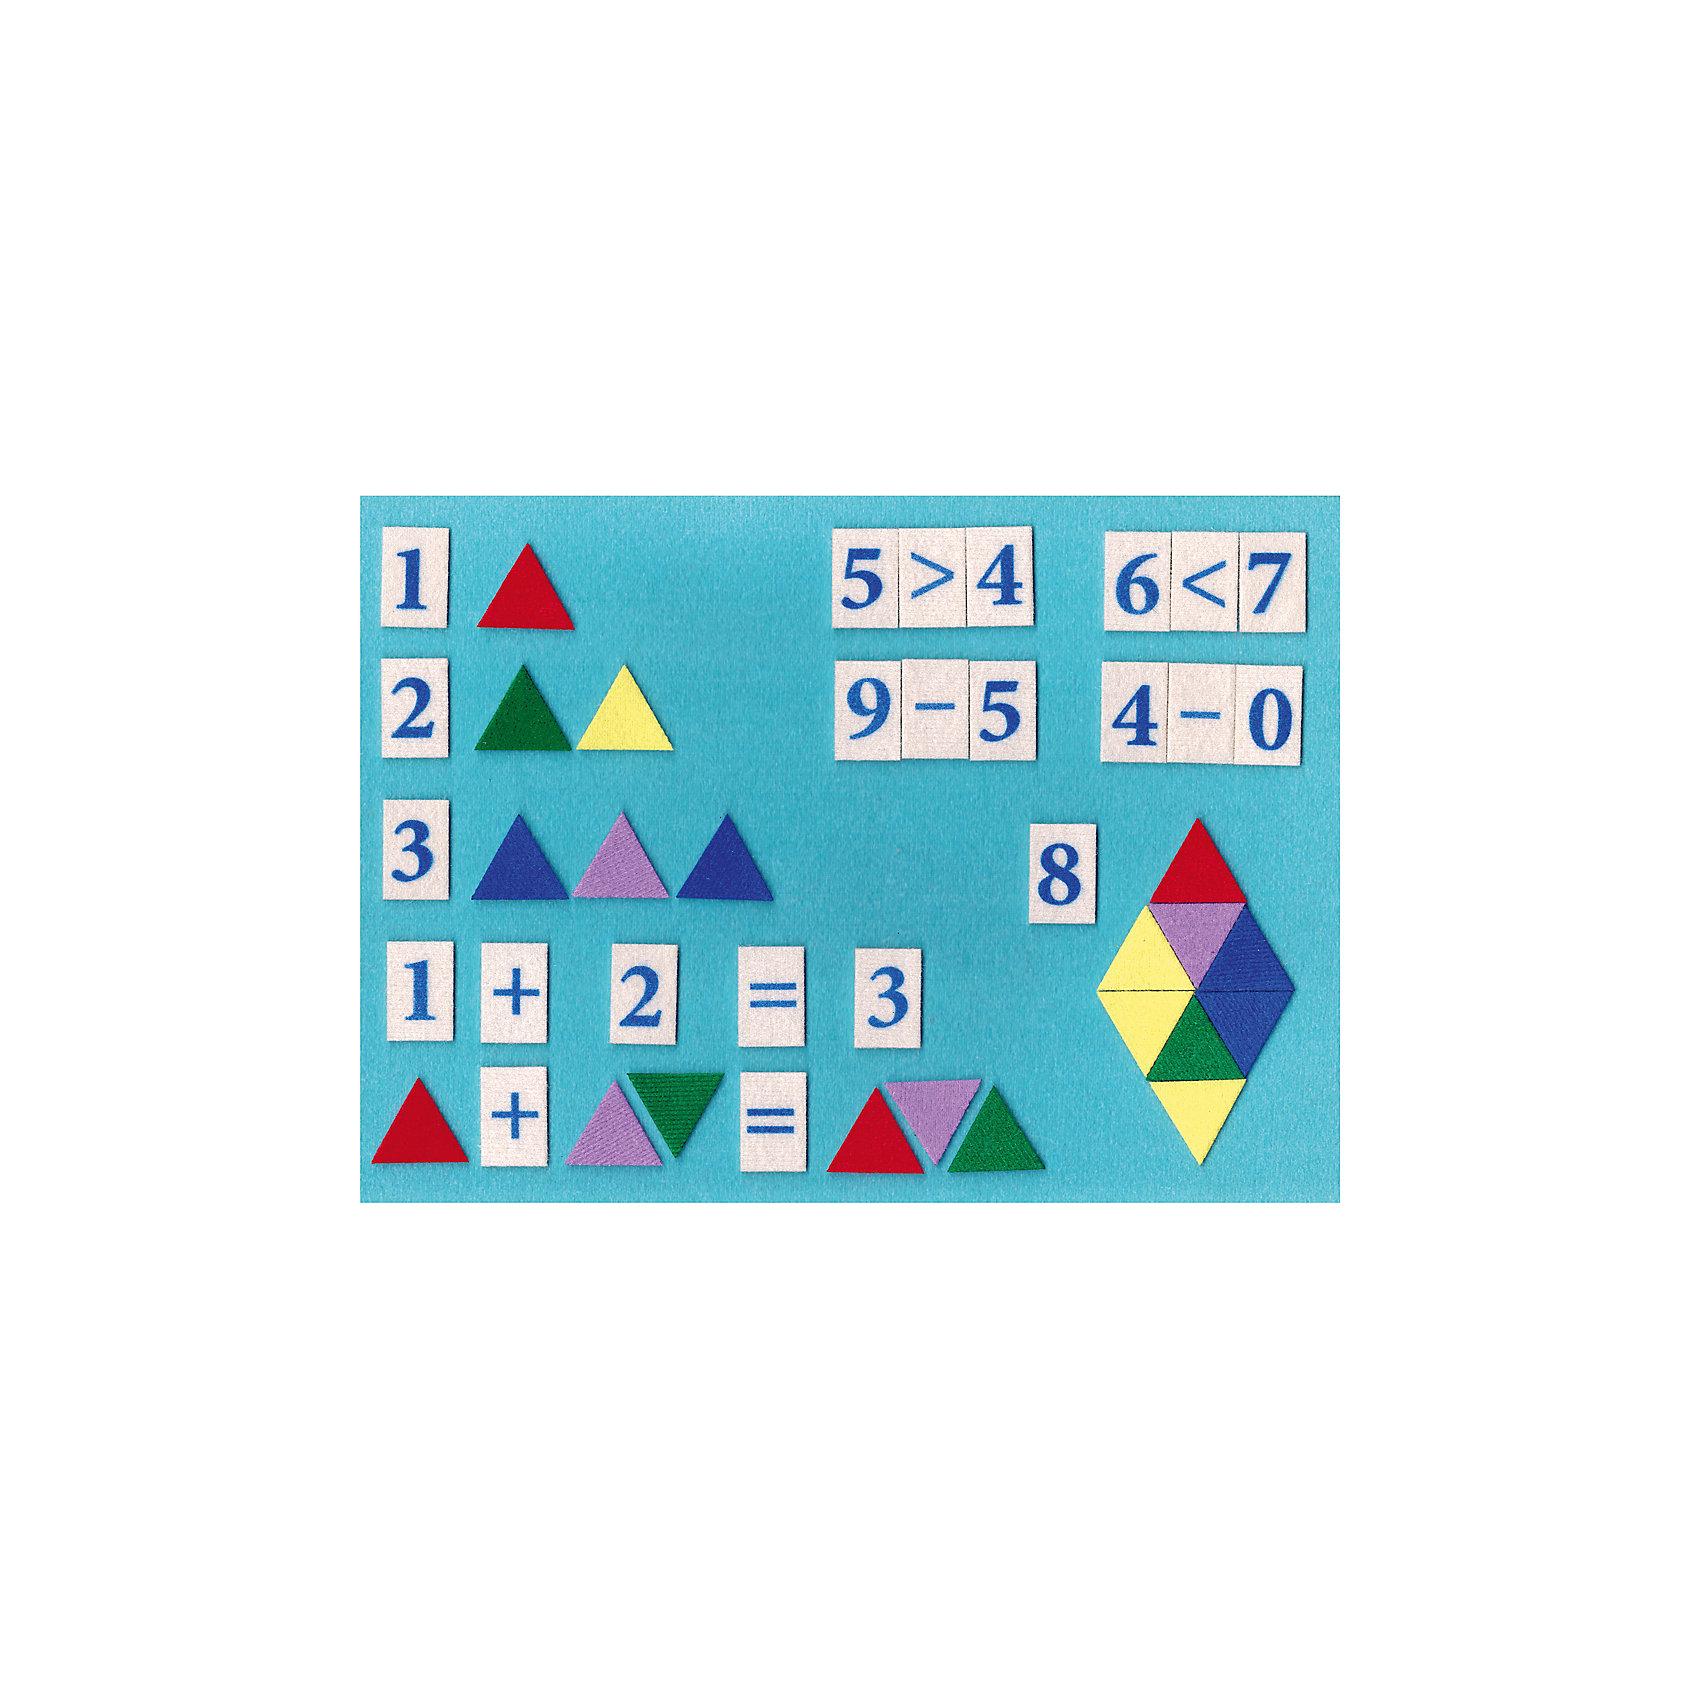 Игра на липучках Математическая мозаика цветная, StigisРазвивающие игры<br>Стигисы Математическая мозаика цветная, Стигис от компании Стигис ТМ – это новое направление в развивающих игрушках для детей. Стигисы выполнены по инновационной технологии, представляющей собой основное поле и набор из фигурок- аппликаций. Элементы крепятся на поле за счет невидимых и безопасных липучек. Все элементы набора выполнены из качественных материалов, которые устойчивы к деформации и изменению цвета. Комплектация набора включает в экран и набор из цифр, математических знаков и геометрических фигур.<br>Стигисы Математическая мозаика цветная способствуют формированию первых математических представлений в легкой игровой форме, знакомит с основными математическими действиями и счетом, развивает логическое мышление, память и внимание. <br><br>Дополнительная информация:<br><br>- Вид игр: сюжетно-ролевые игры, развивающие<br>- Предназначение: для дома, для детских садов, для развивающих центров<br>- Материал: текстиль<br>- Комплектация: экран 30*21 см, 15 цифр, 8 математических знаков, 20 разноцветных треугольников<br>- Размер упаковки (ДхШхВ): 30*21,5*5 см<br>- Вес: 140 г<br>- Особенности ухода: допускается сухая чистка<br><br>Подробнее:<br><br>• Для детей в возрасте: от 3 лет и до 10 лет <br>• Страна производитель: Россия<br>• Торговый бренд: Стигис ТМ<br><br>Стигисы Математическая мозаика цветная, Стигис можно купить в нашем интернет-магазине.<br><br>Ширина мм: 300<br>Глубина мм: 215<br>Высота мм: 5<br>Вес г: 140<br>Возраст от месяцев: 36<br>Возраст до месяцев: 120<br>Пол: Унисекс<br>Возраст: Детский<br>SKU: 4936349